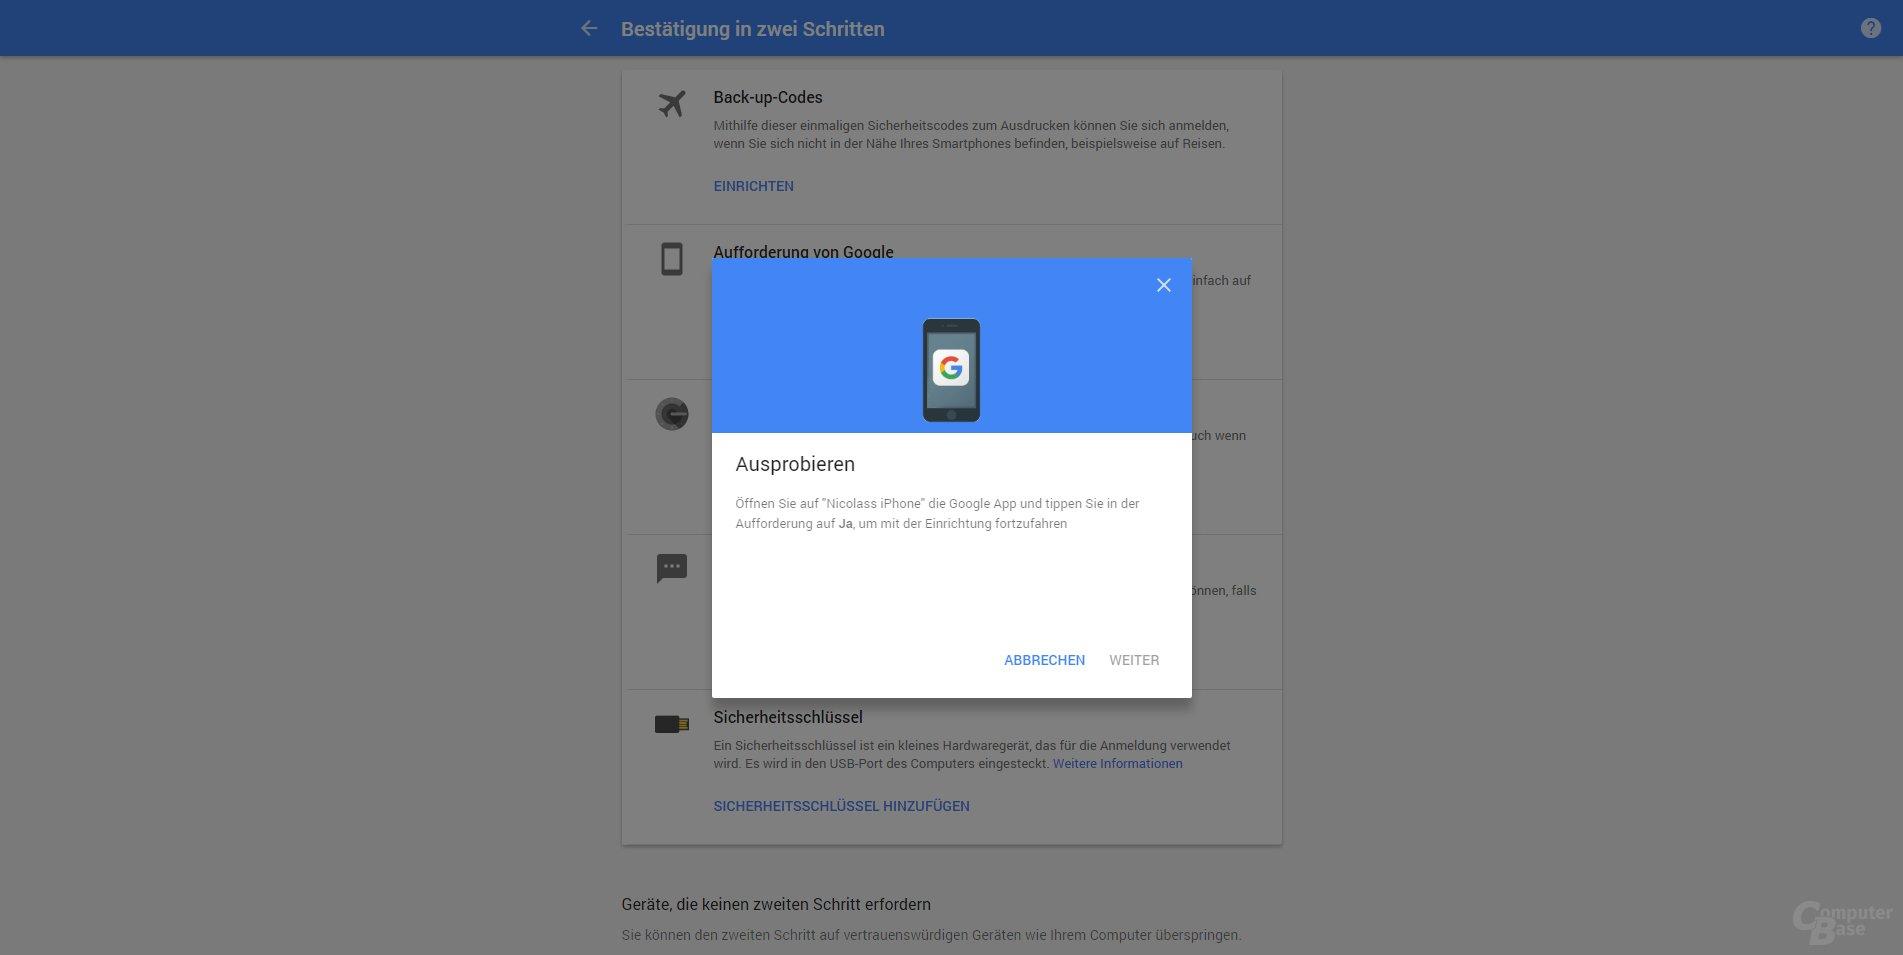 Aufforderung die Google App zu öffnen